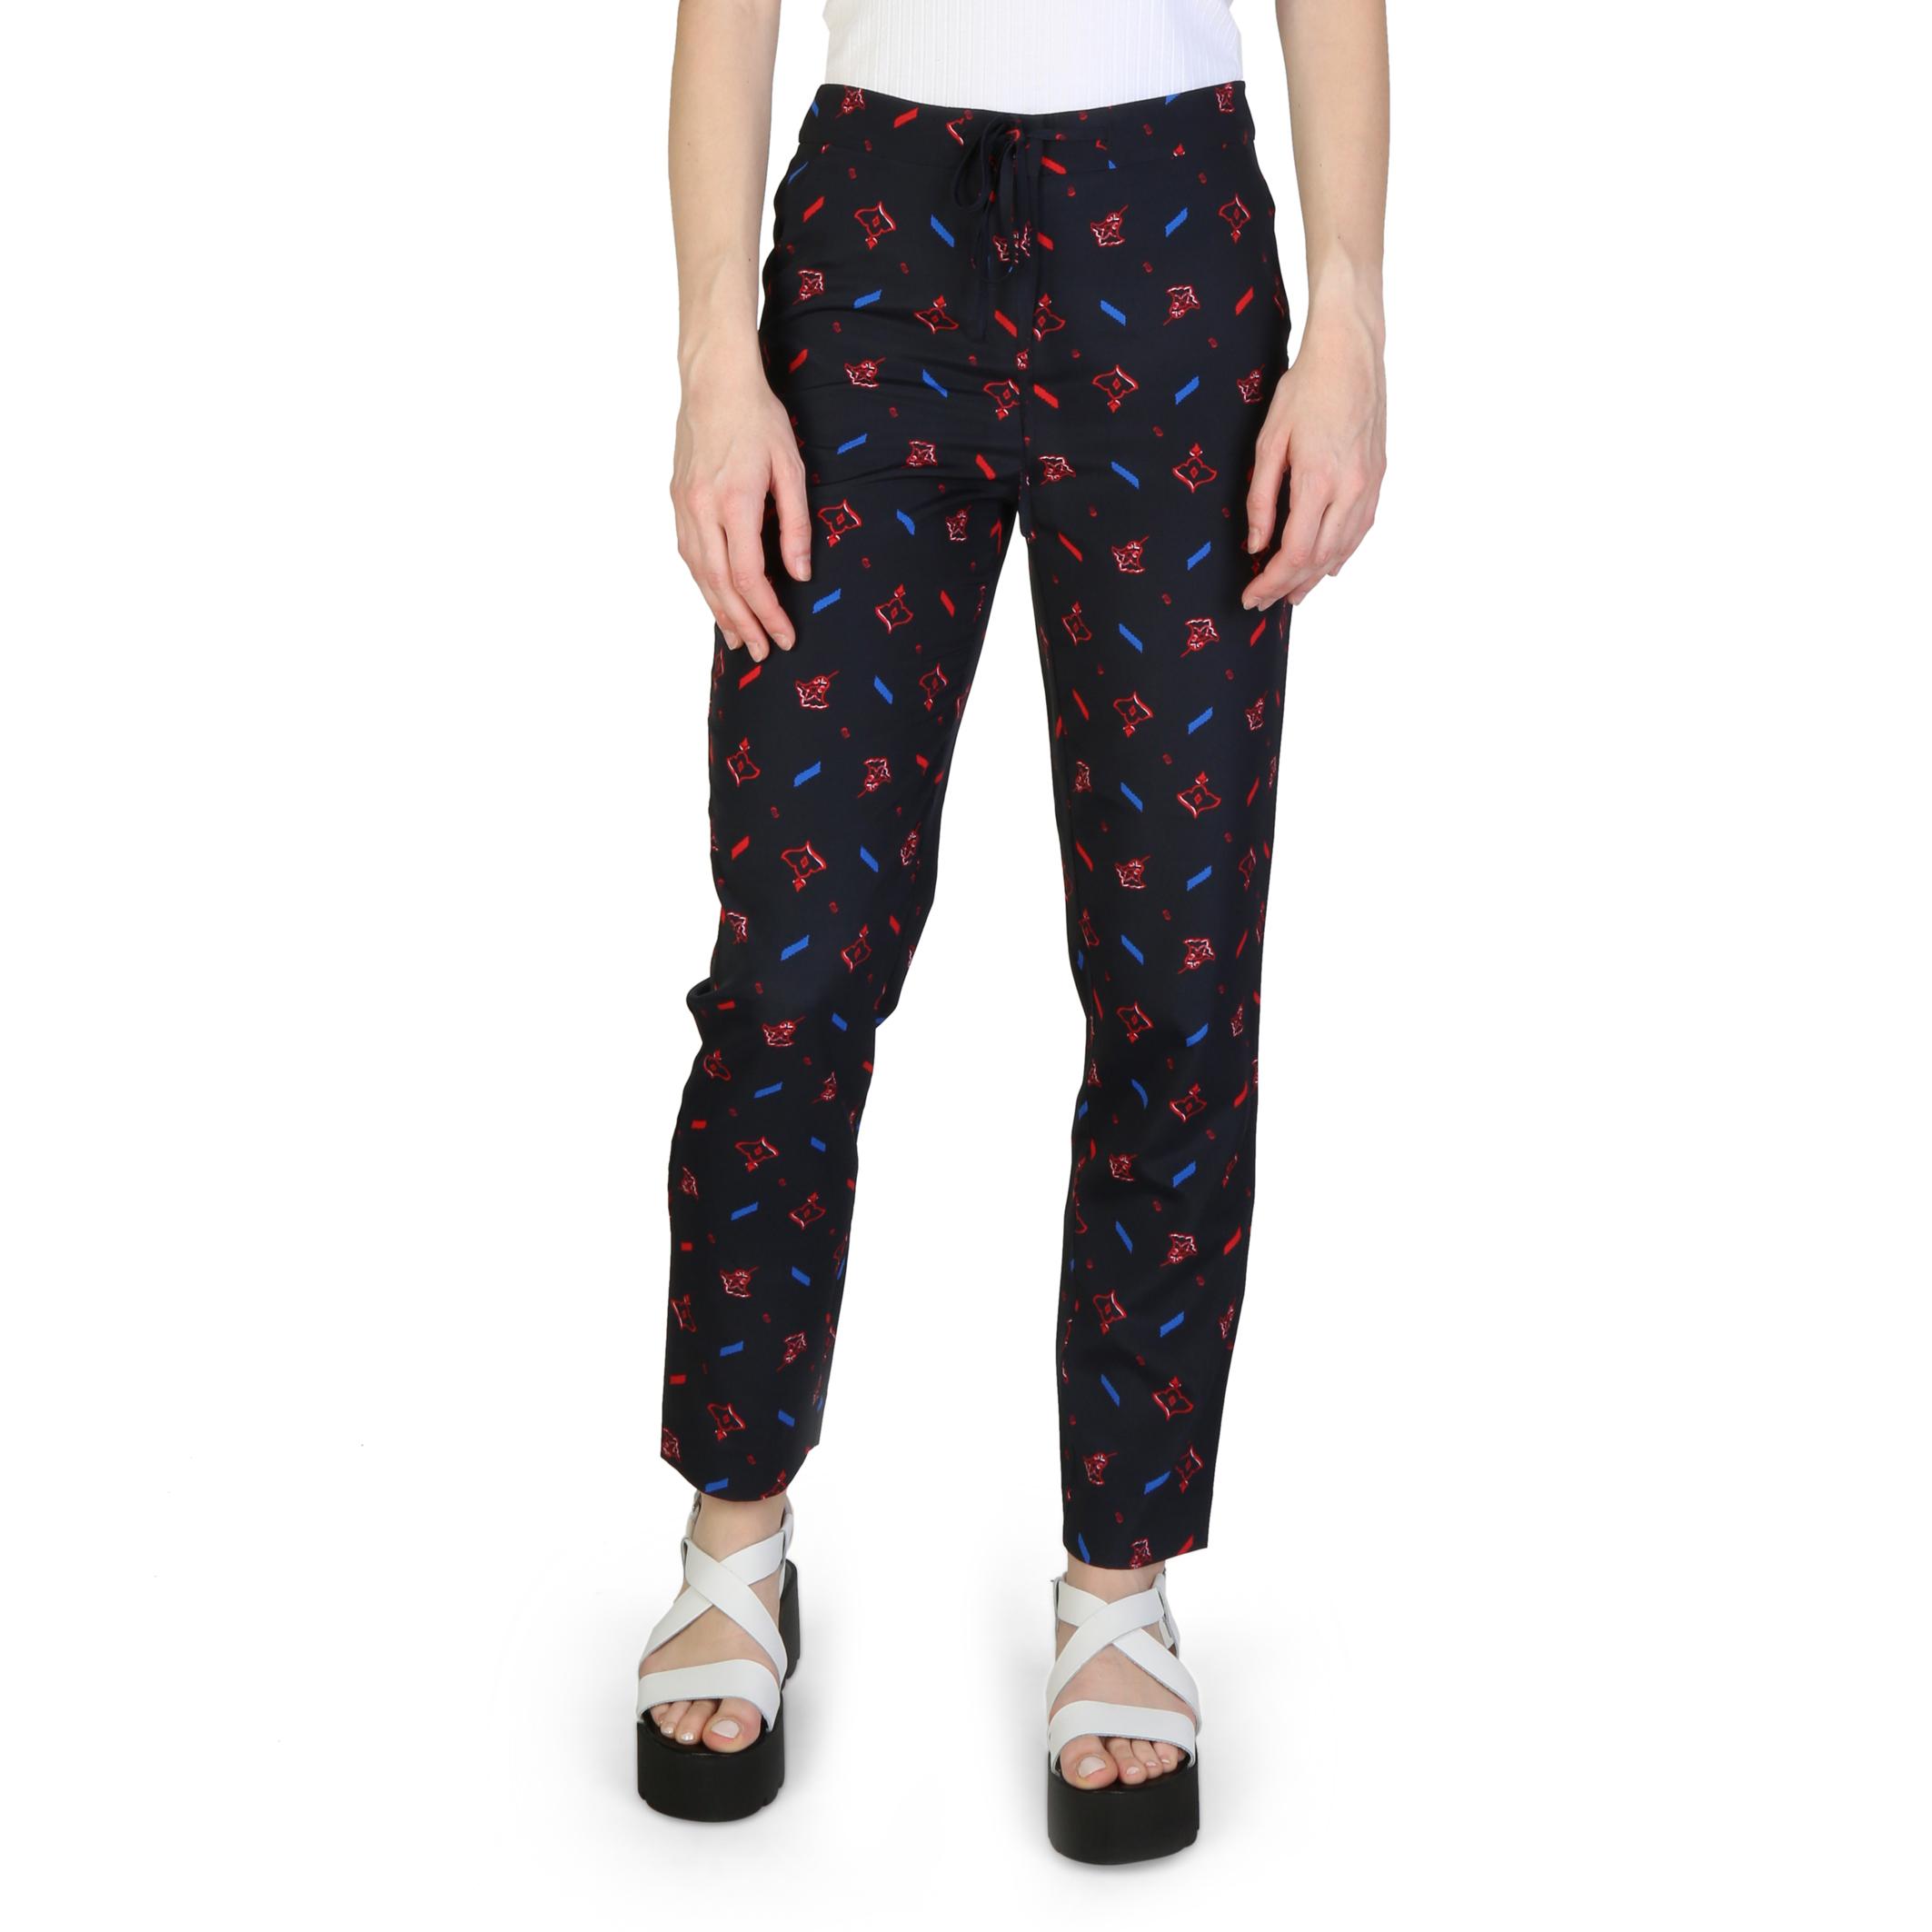 Pantalons Armani Exchange – 3ZYP25YNBSZ